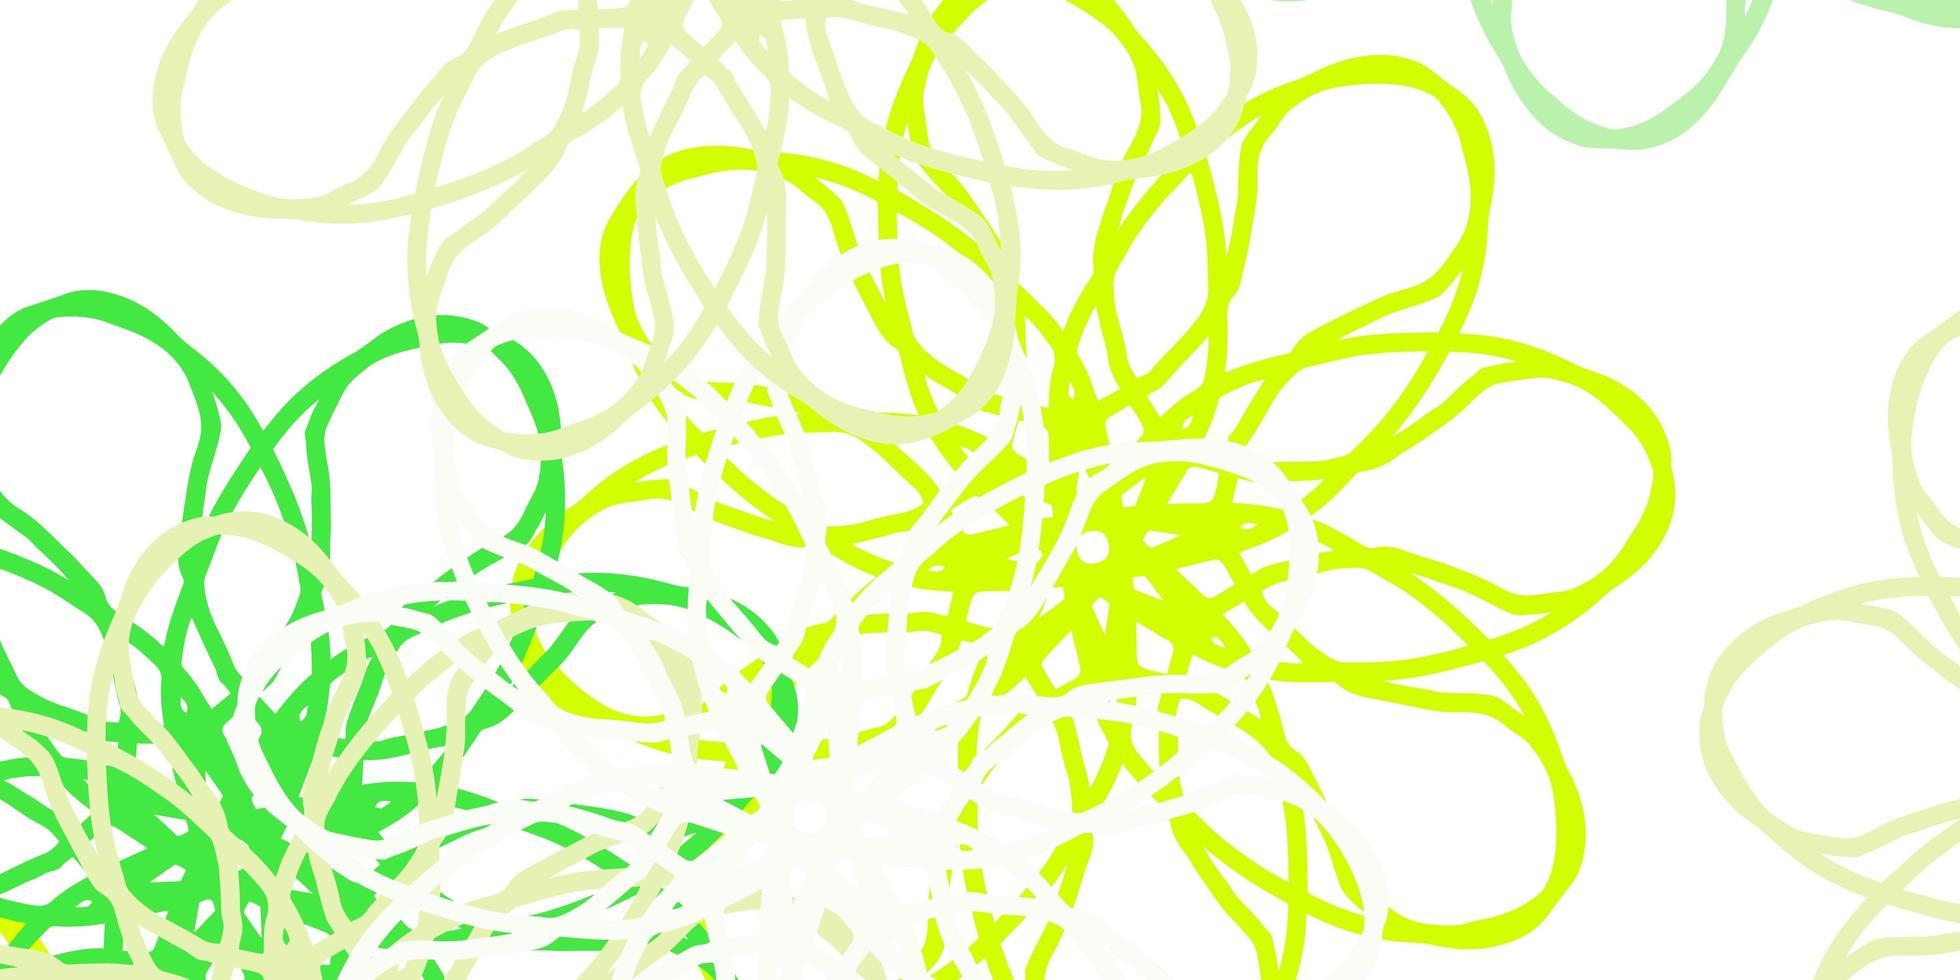 hellgrüne, gelbe Vektor natürliche Grafik mit Blumen.